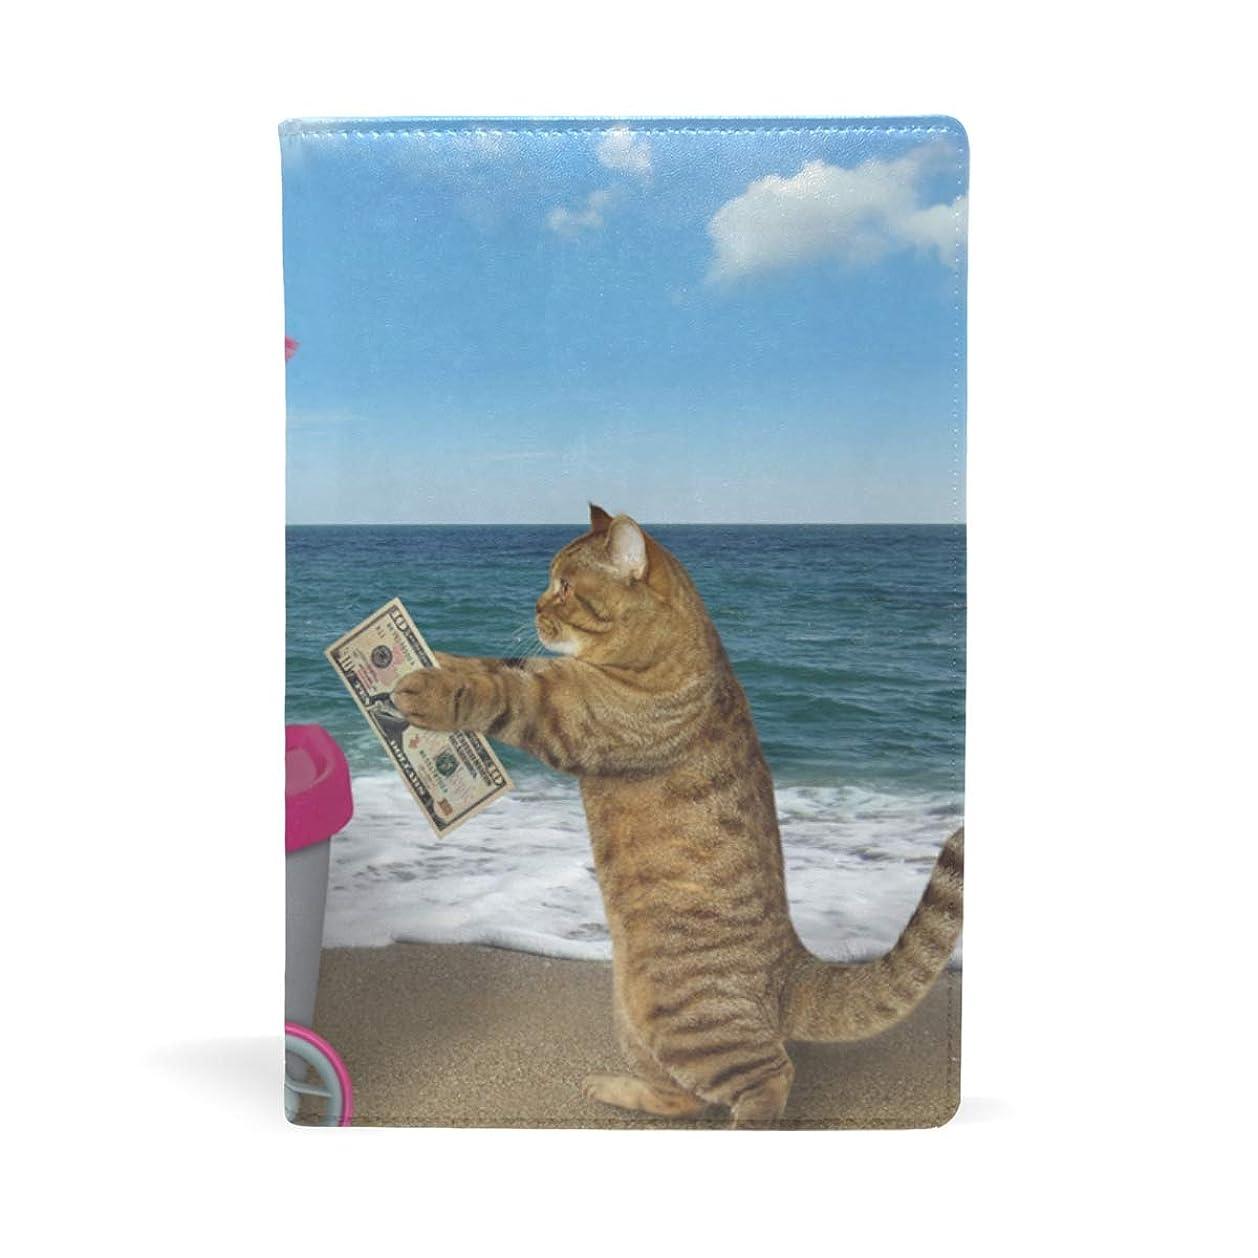 空美徳冒険家ドーナツを売る猫 ブックカバー 文庫 a5 皮革 おしゃれ 文庫本カバー 資料 収納入れ オフィス用品 読書 雑貨 プレゼント耐久性に優れ